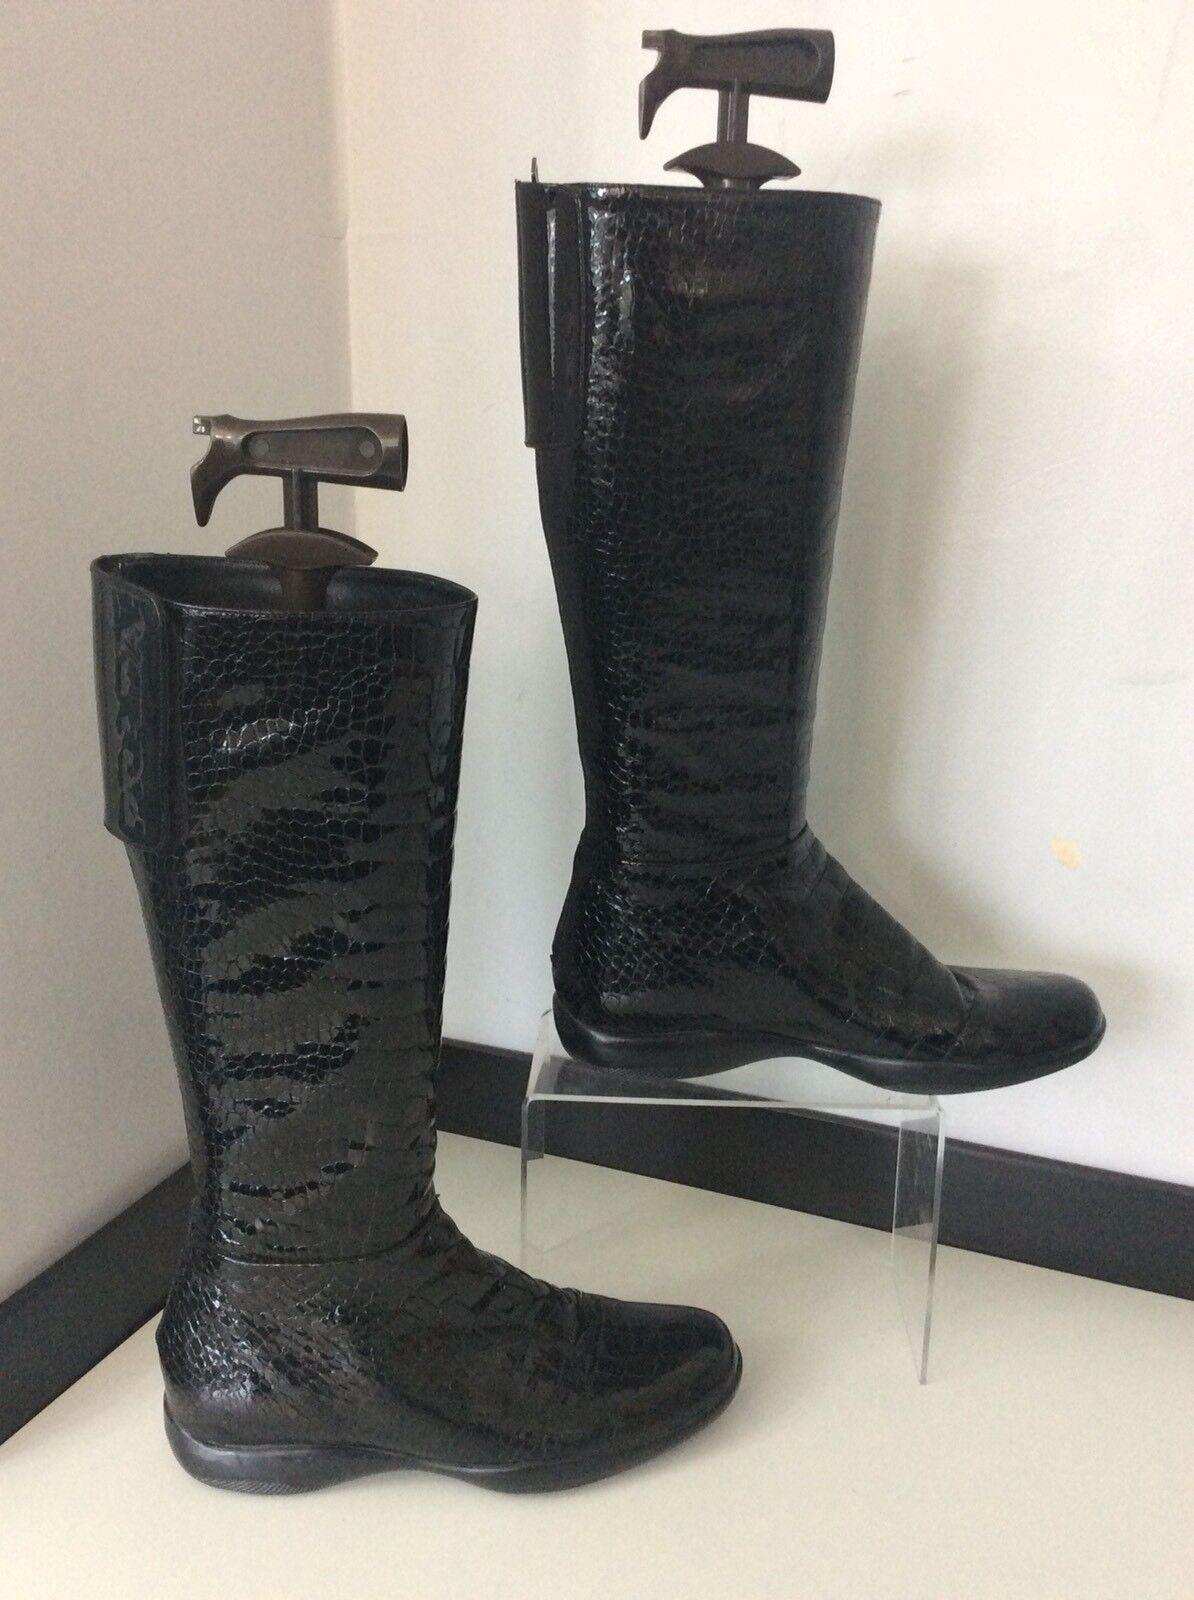 Zapatos de mujer baratos zapatos Charol de mujer Prada Charol zapatos Botas Altas Rodilla Piel De Serpiente Reino Unido 6 en muy buena condición dbc99f